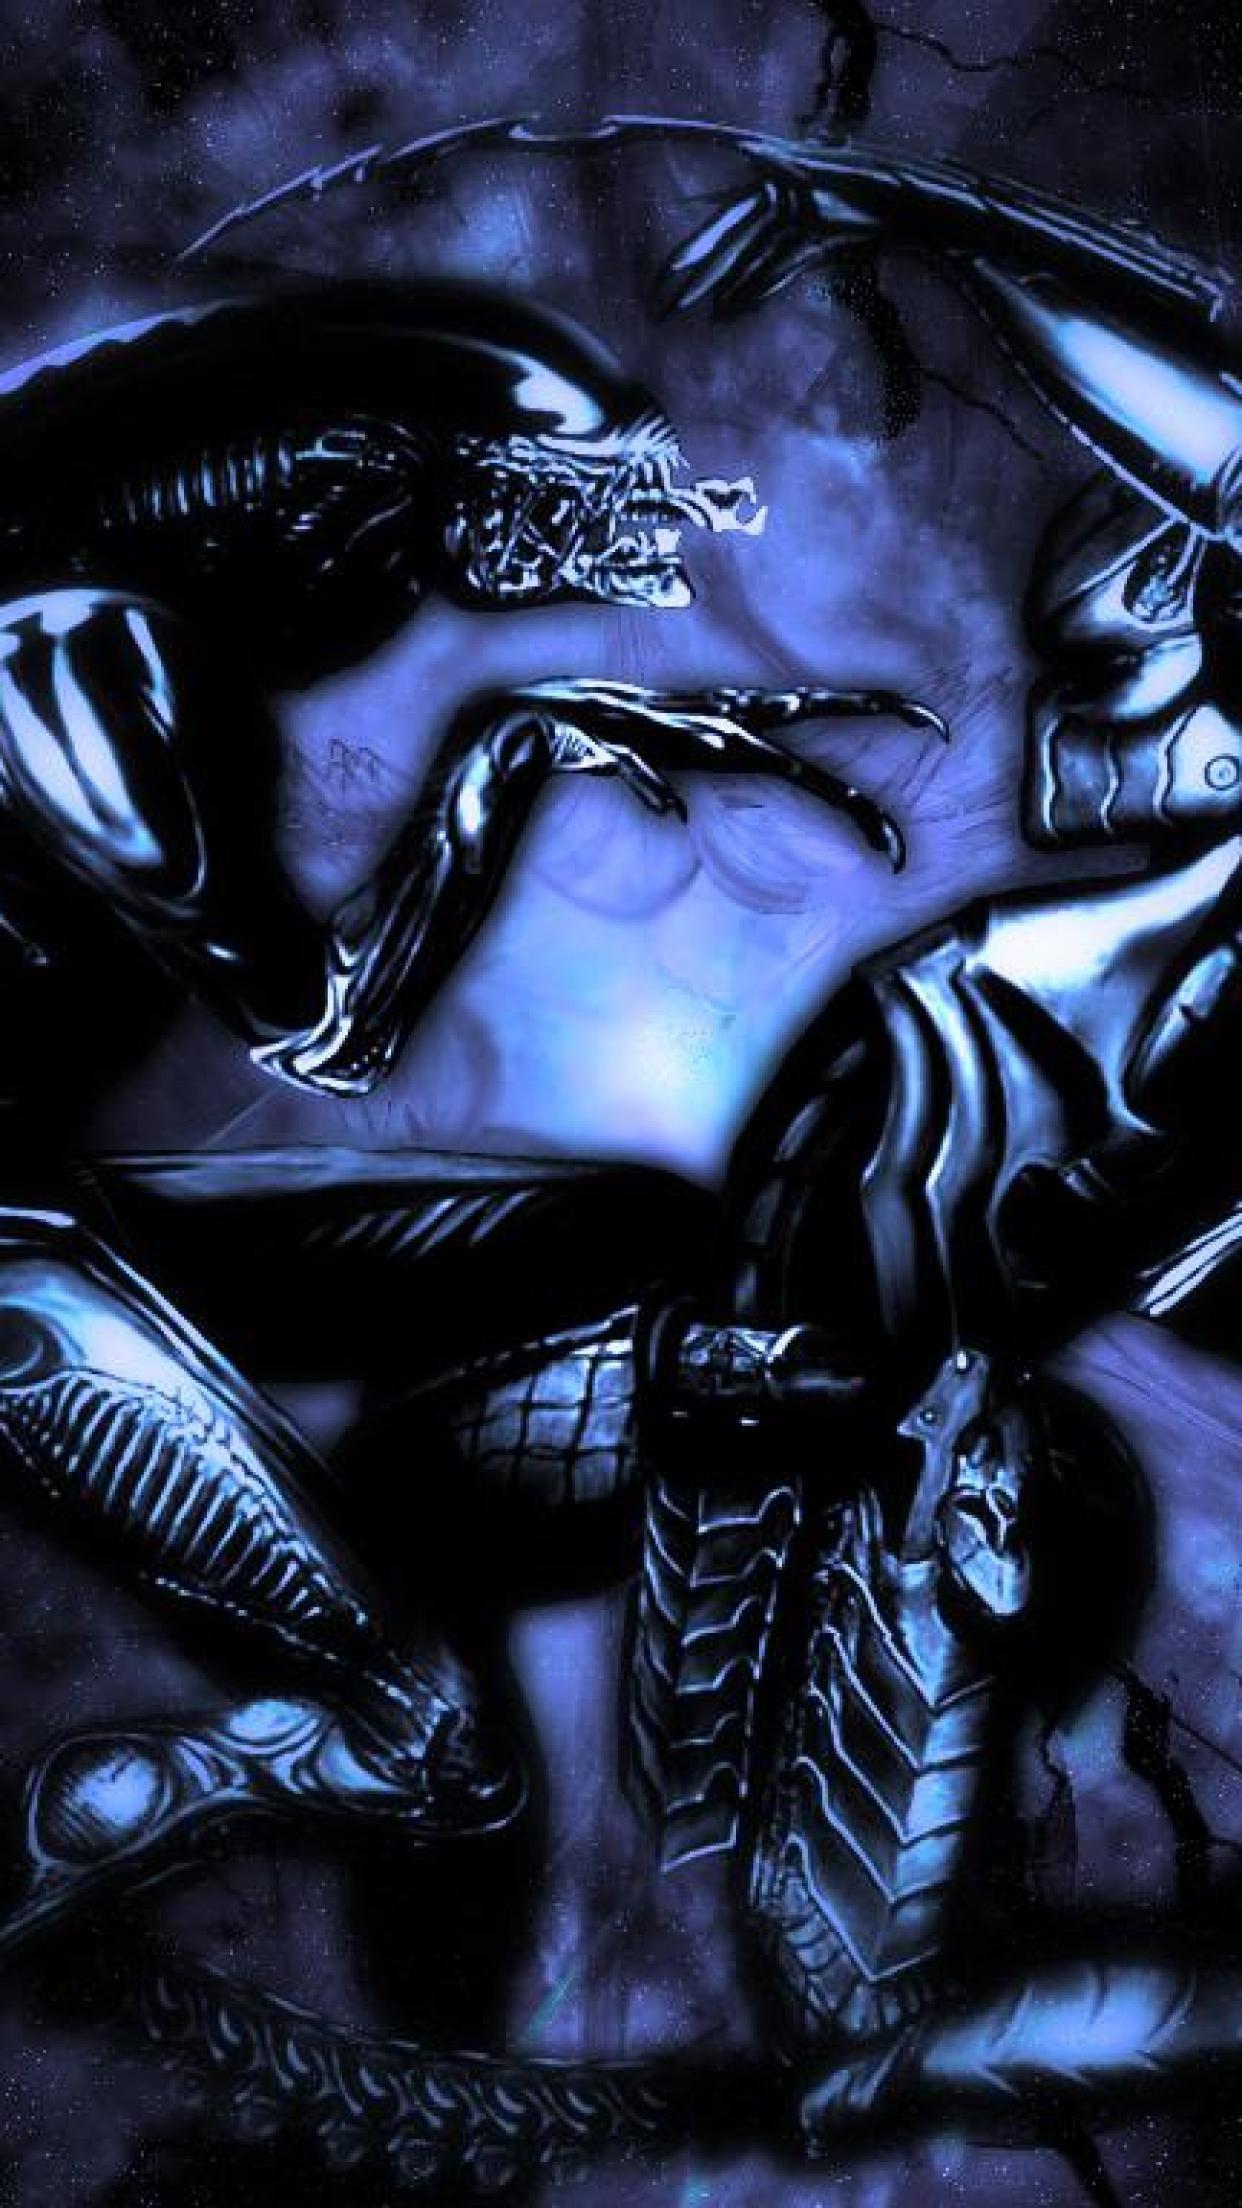 Aliens movie wallpaper 77 images - Alien desktop ...